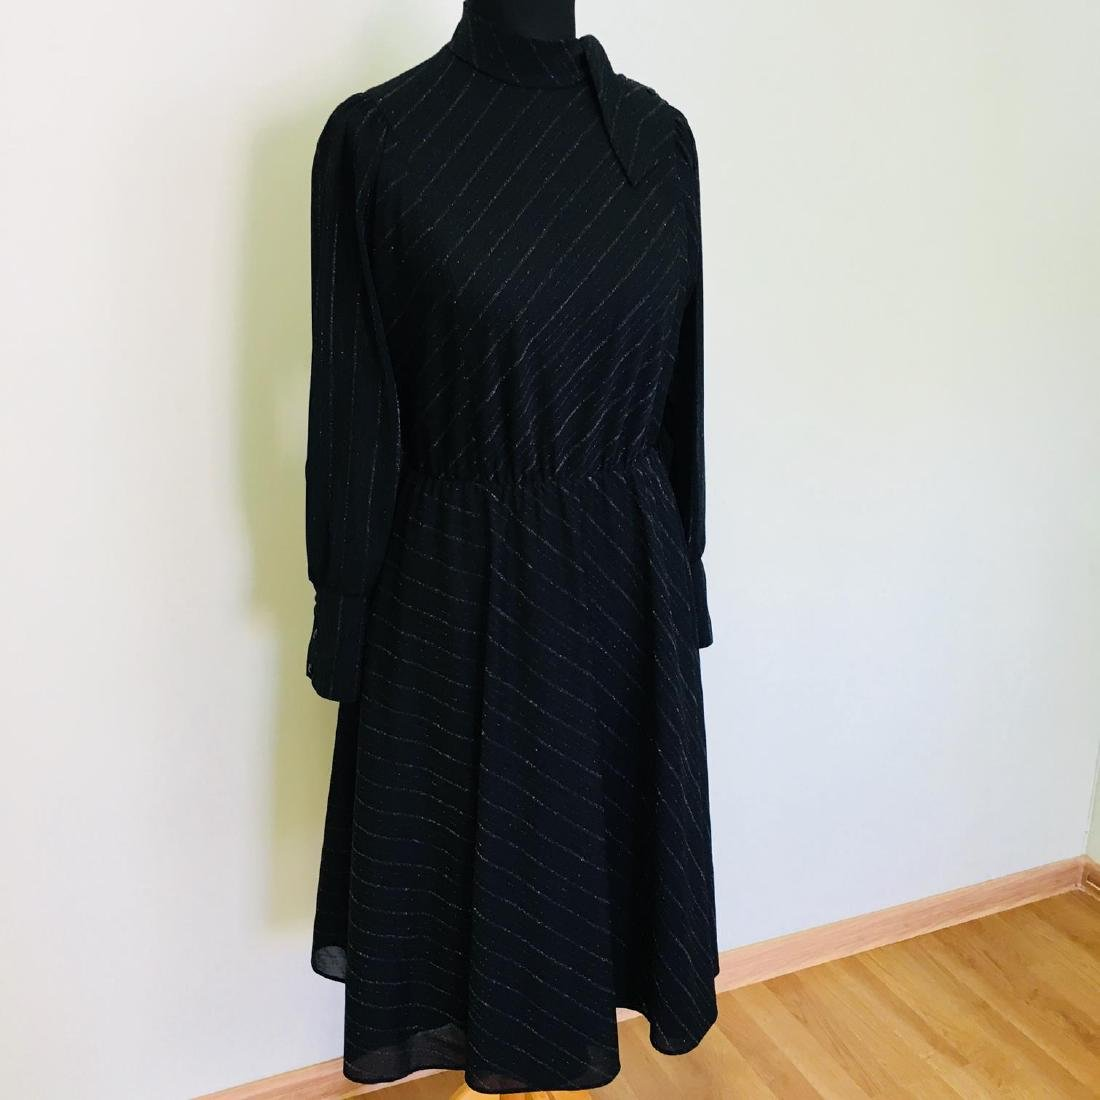 Vintage Women's Black Coctail Evening Dress - 2